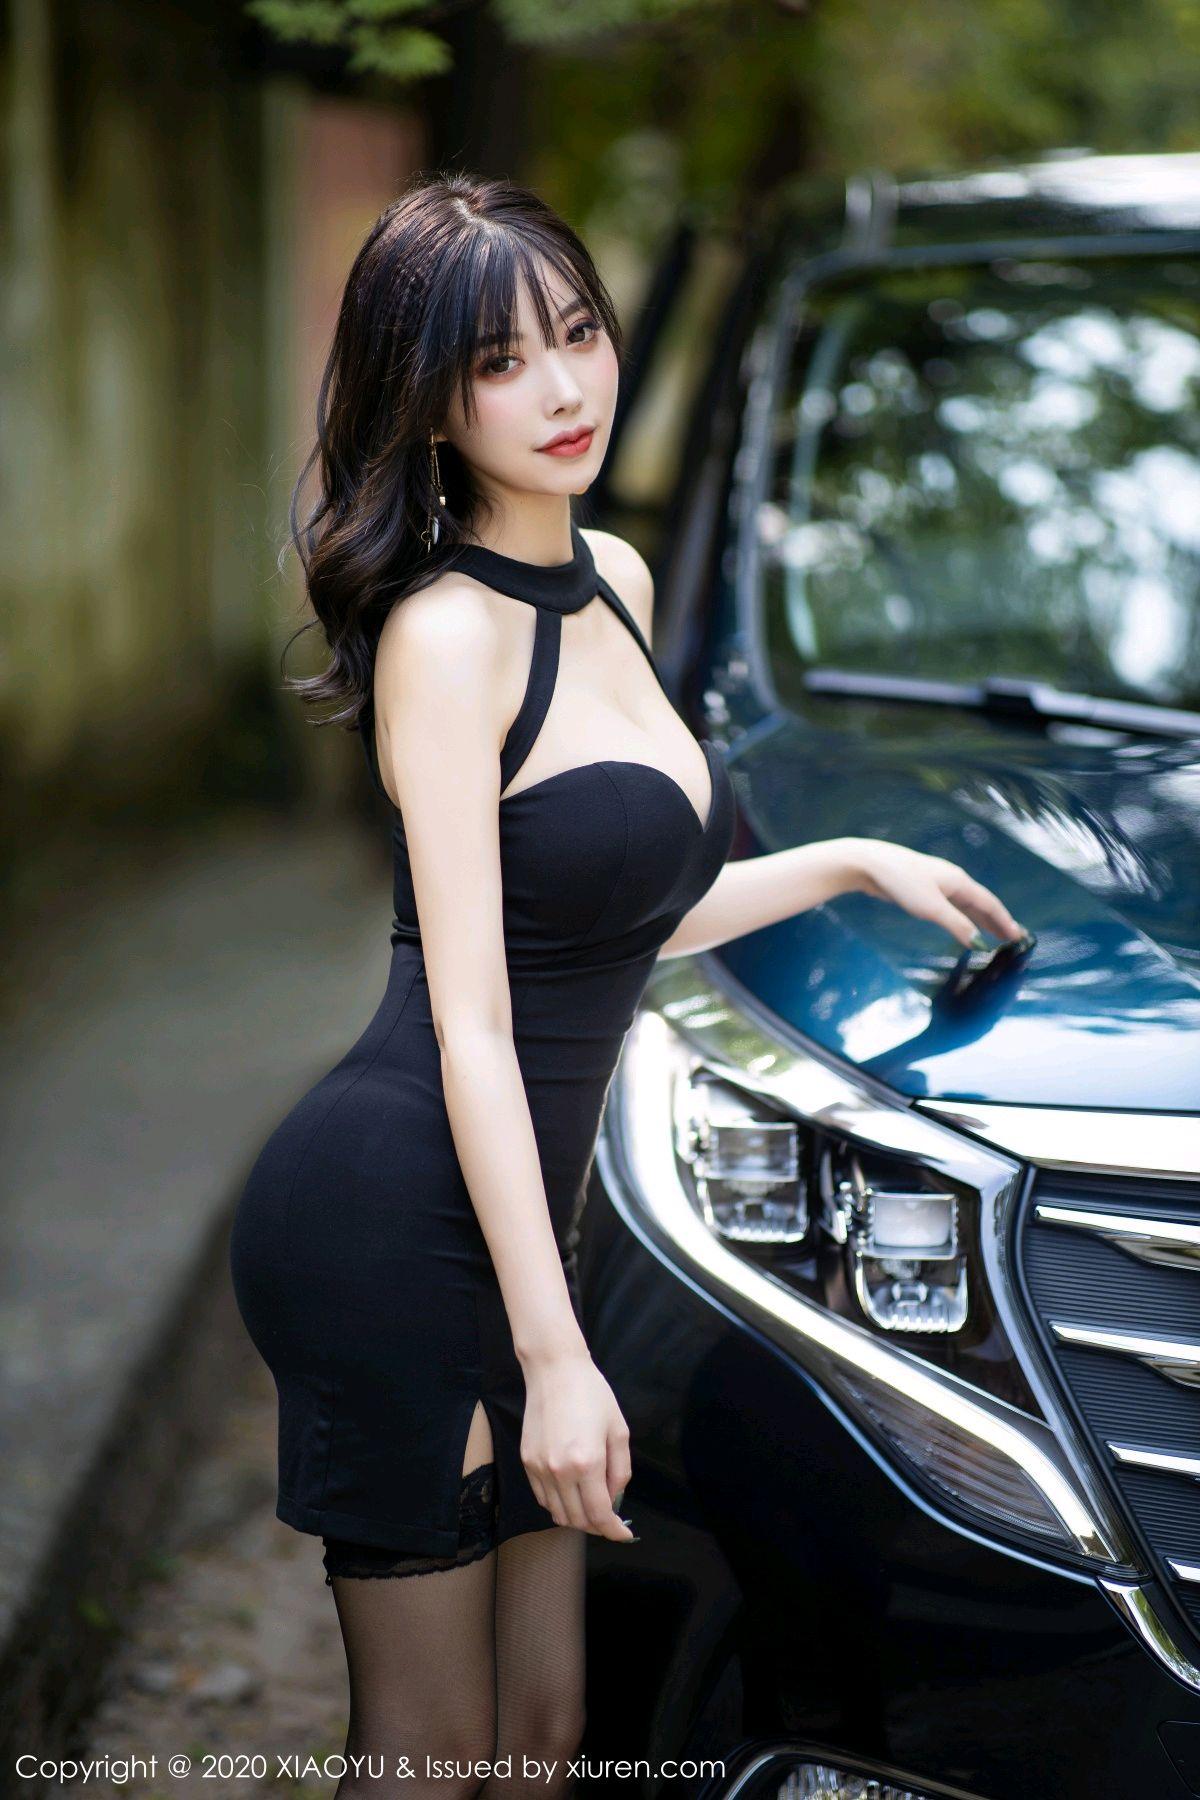 [XiaoYu] Vol.230 Yang Chen Chen 1P, Black Silk, Tall, XiaoYu, Yang Chen Chen